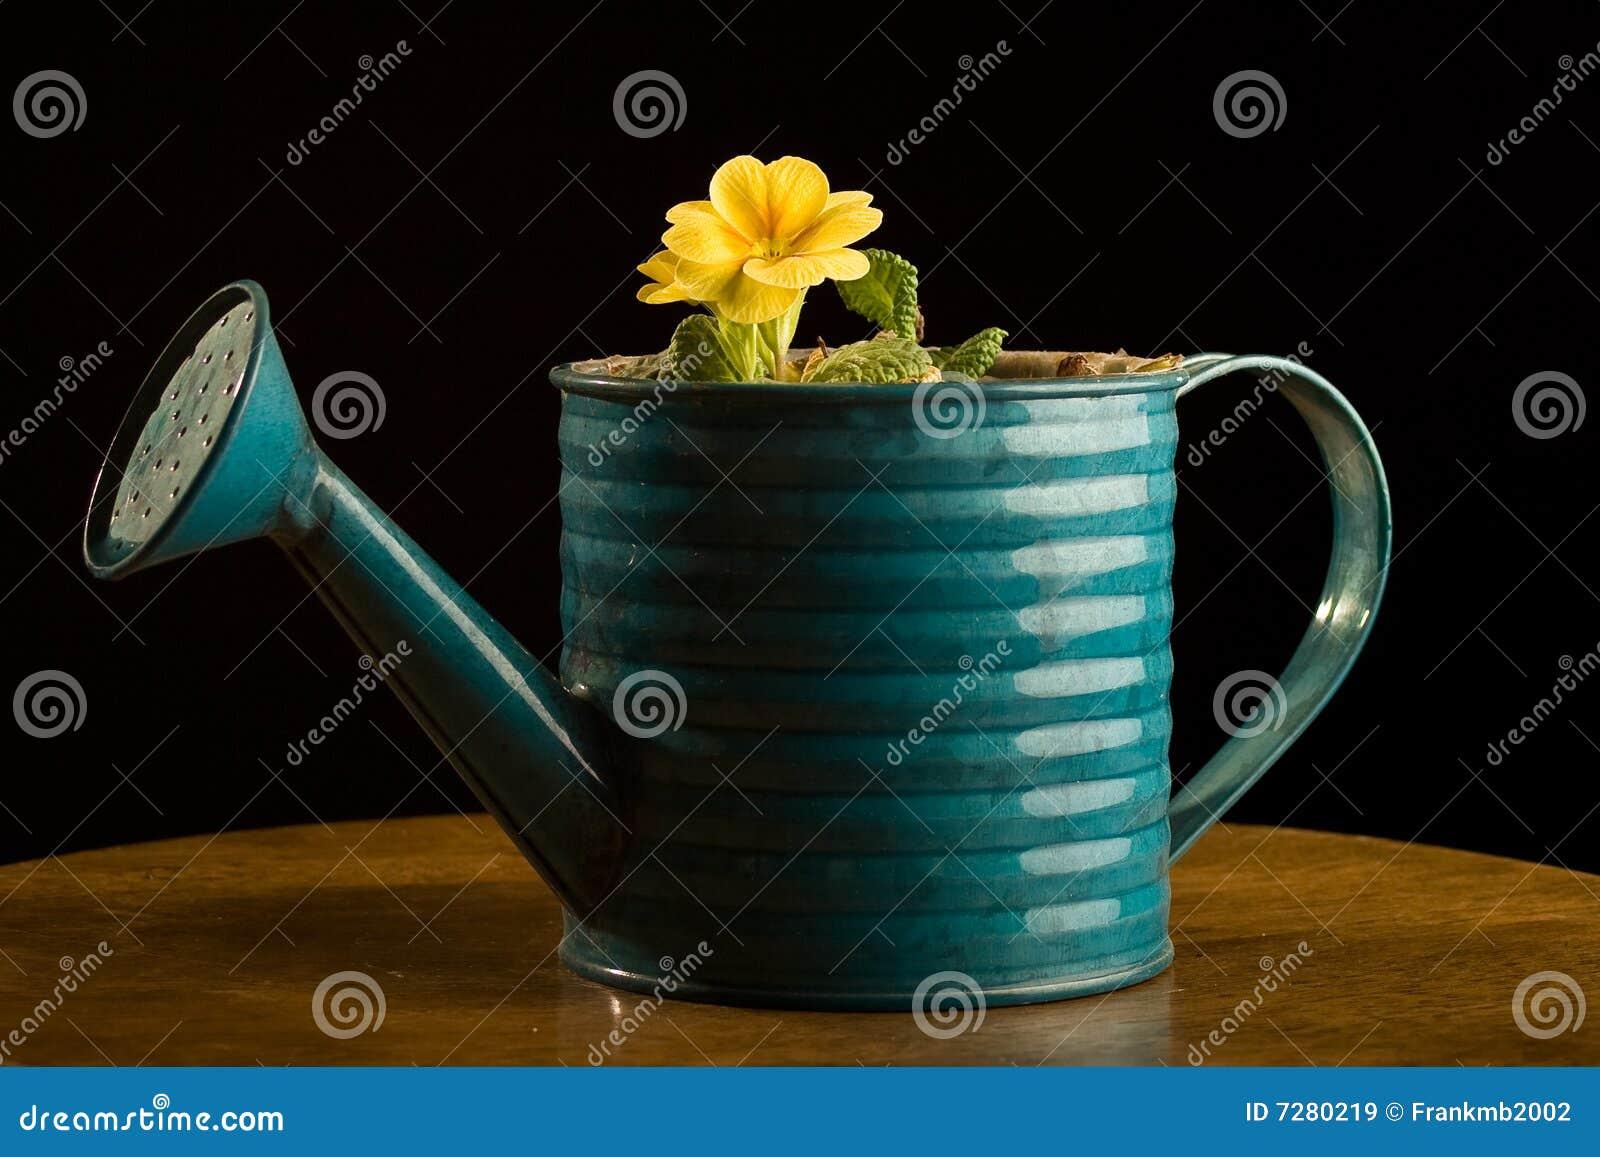 El solo crecimiento de flor amarillo en wattering puede.